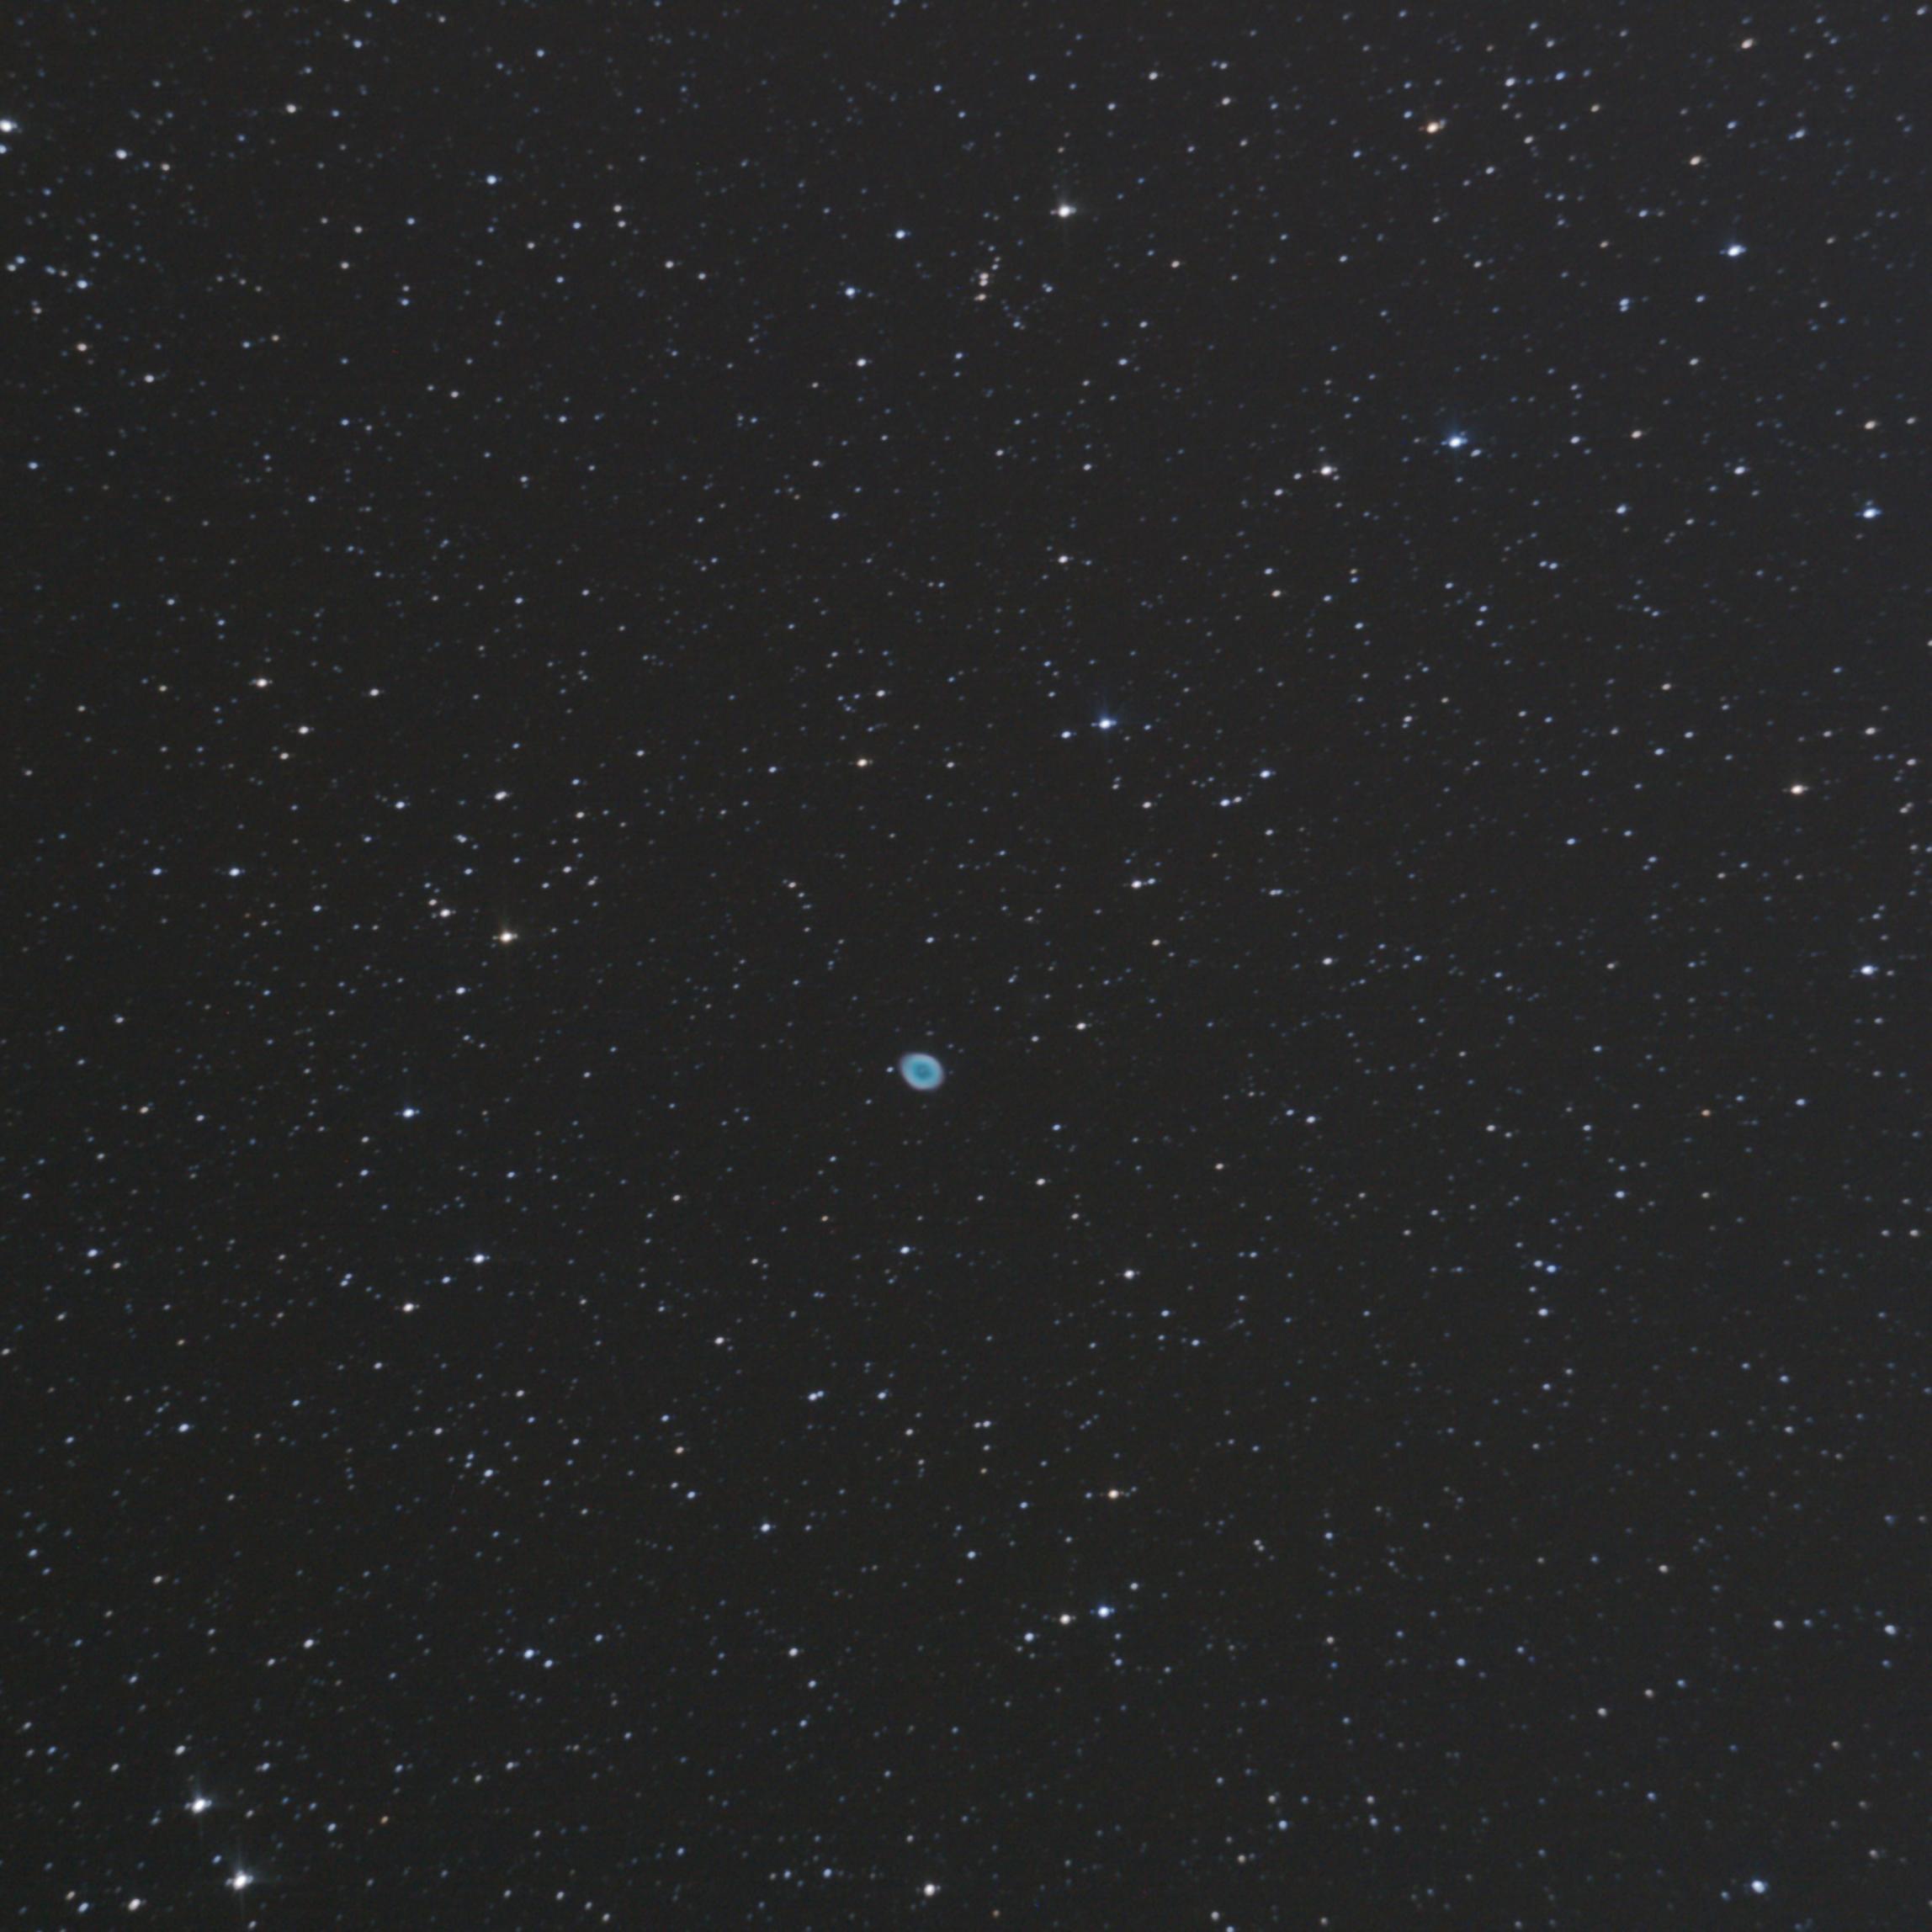 M57 - Ring Nebula